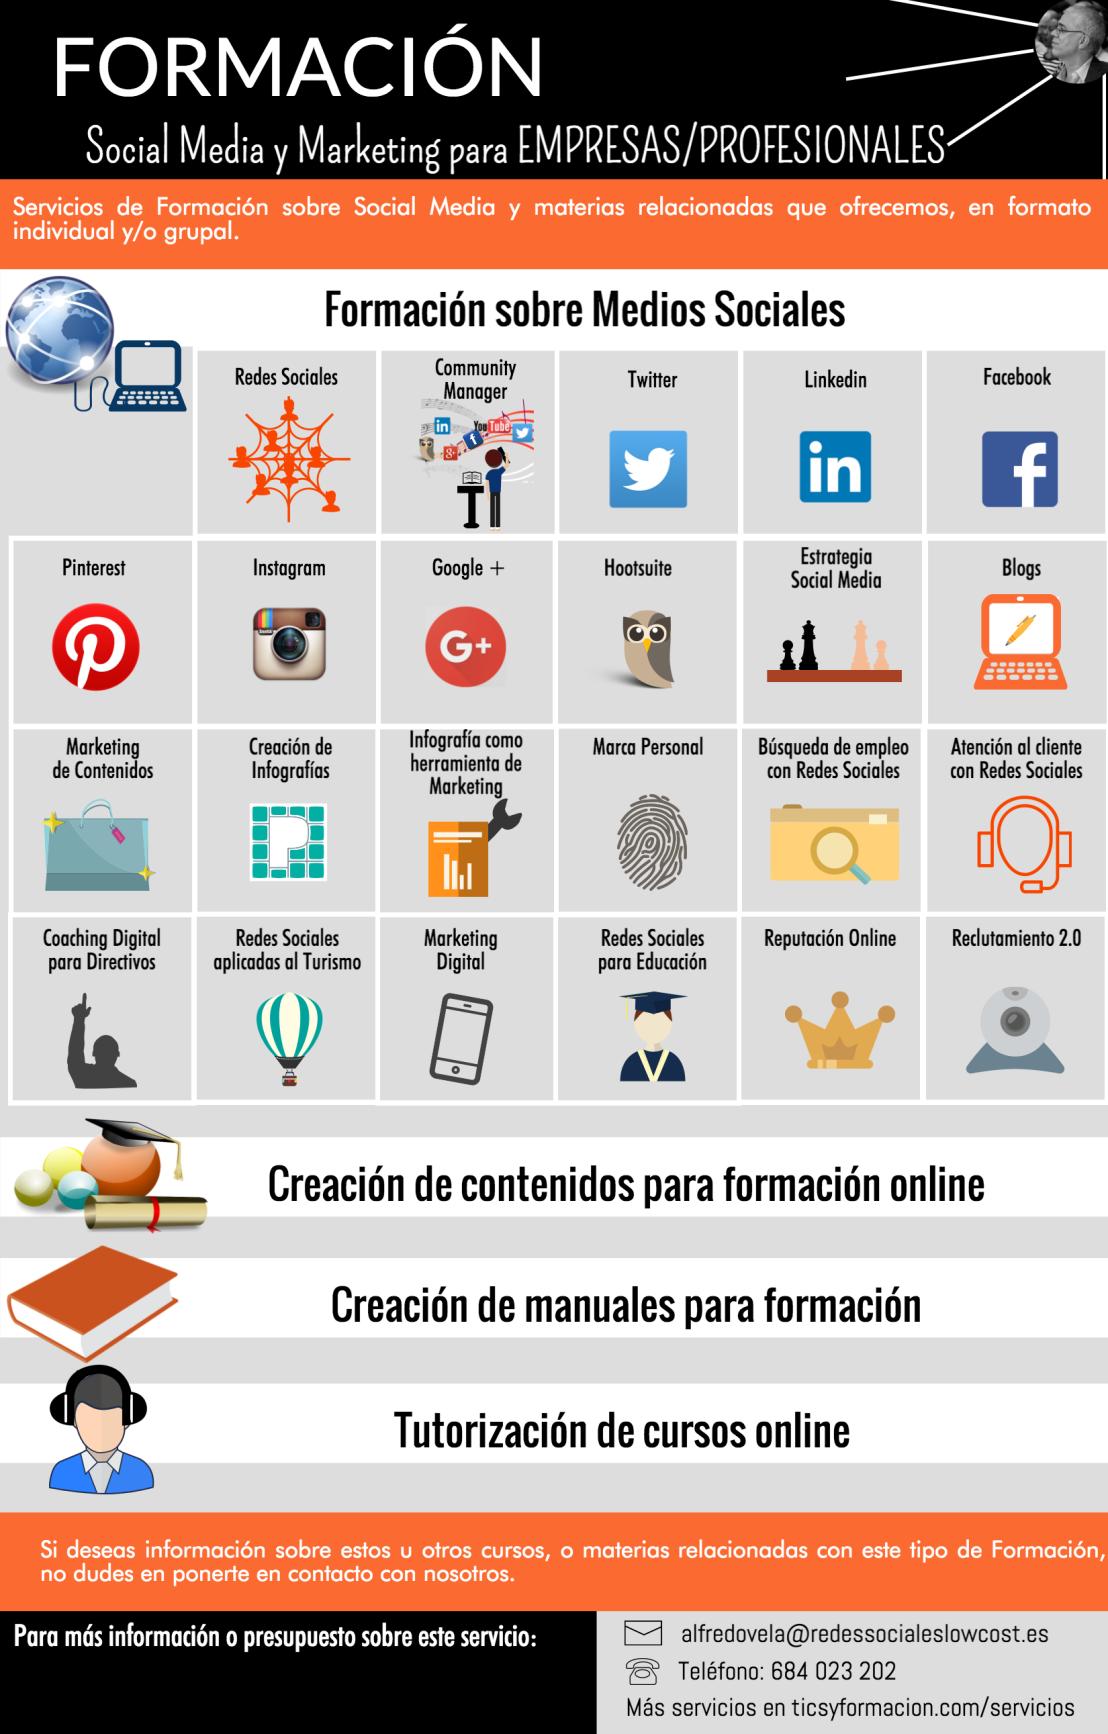 Formación en Redes Sociales y Marketing Digital